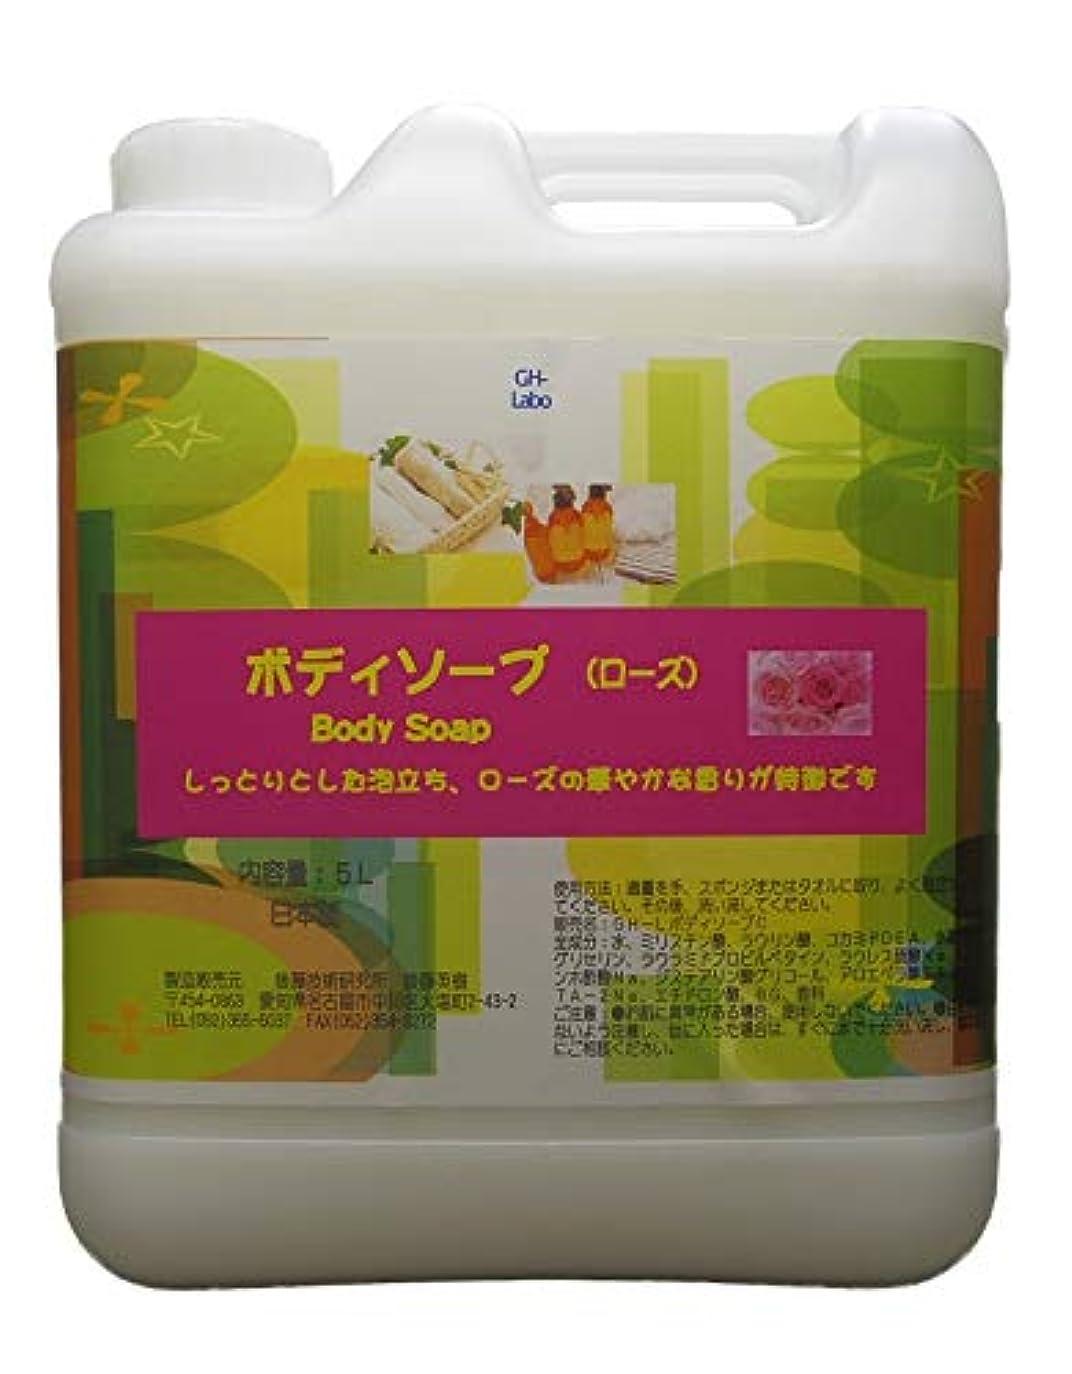 画家ポスター費やすGH-Labo 業務用ボディソープ ローズの香り 5L